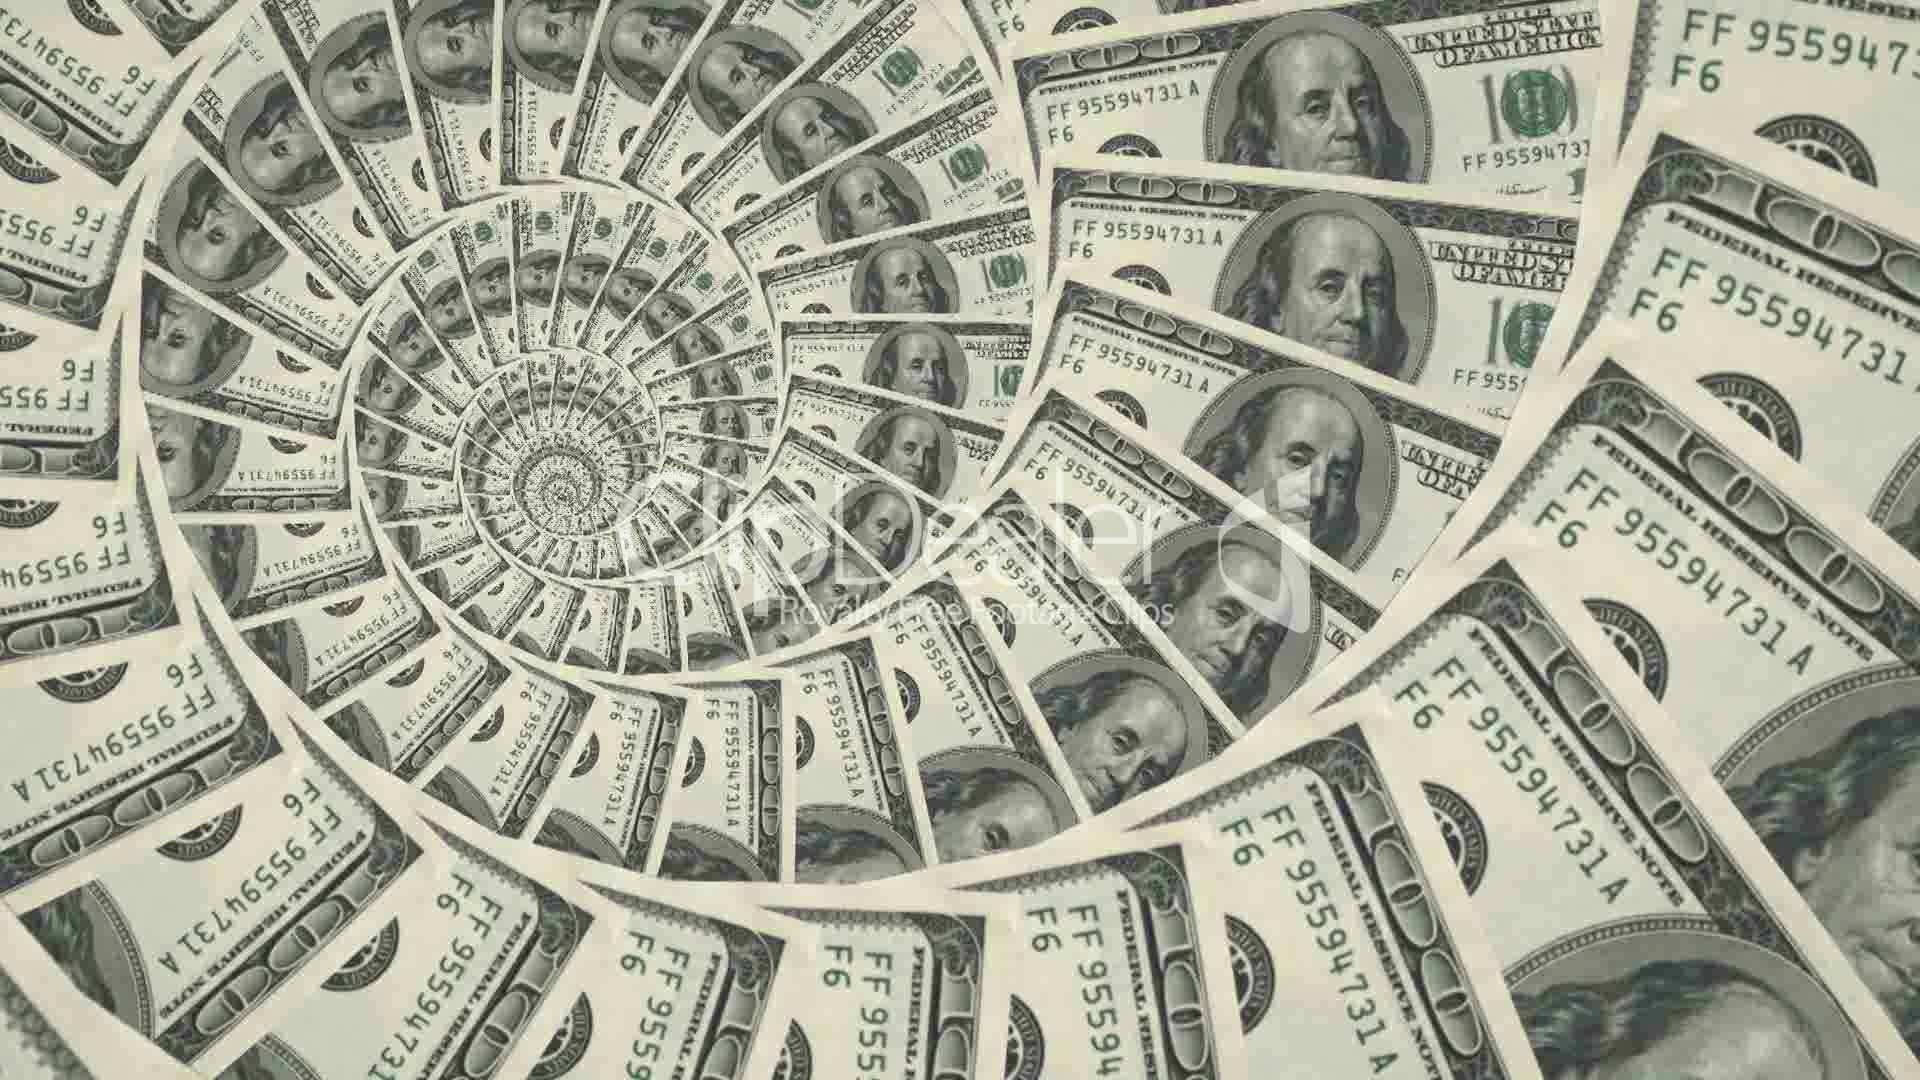 Sùng bái đồng tiền – tâm bệnh của con người hiện đại